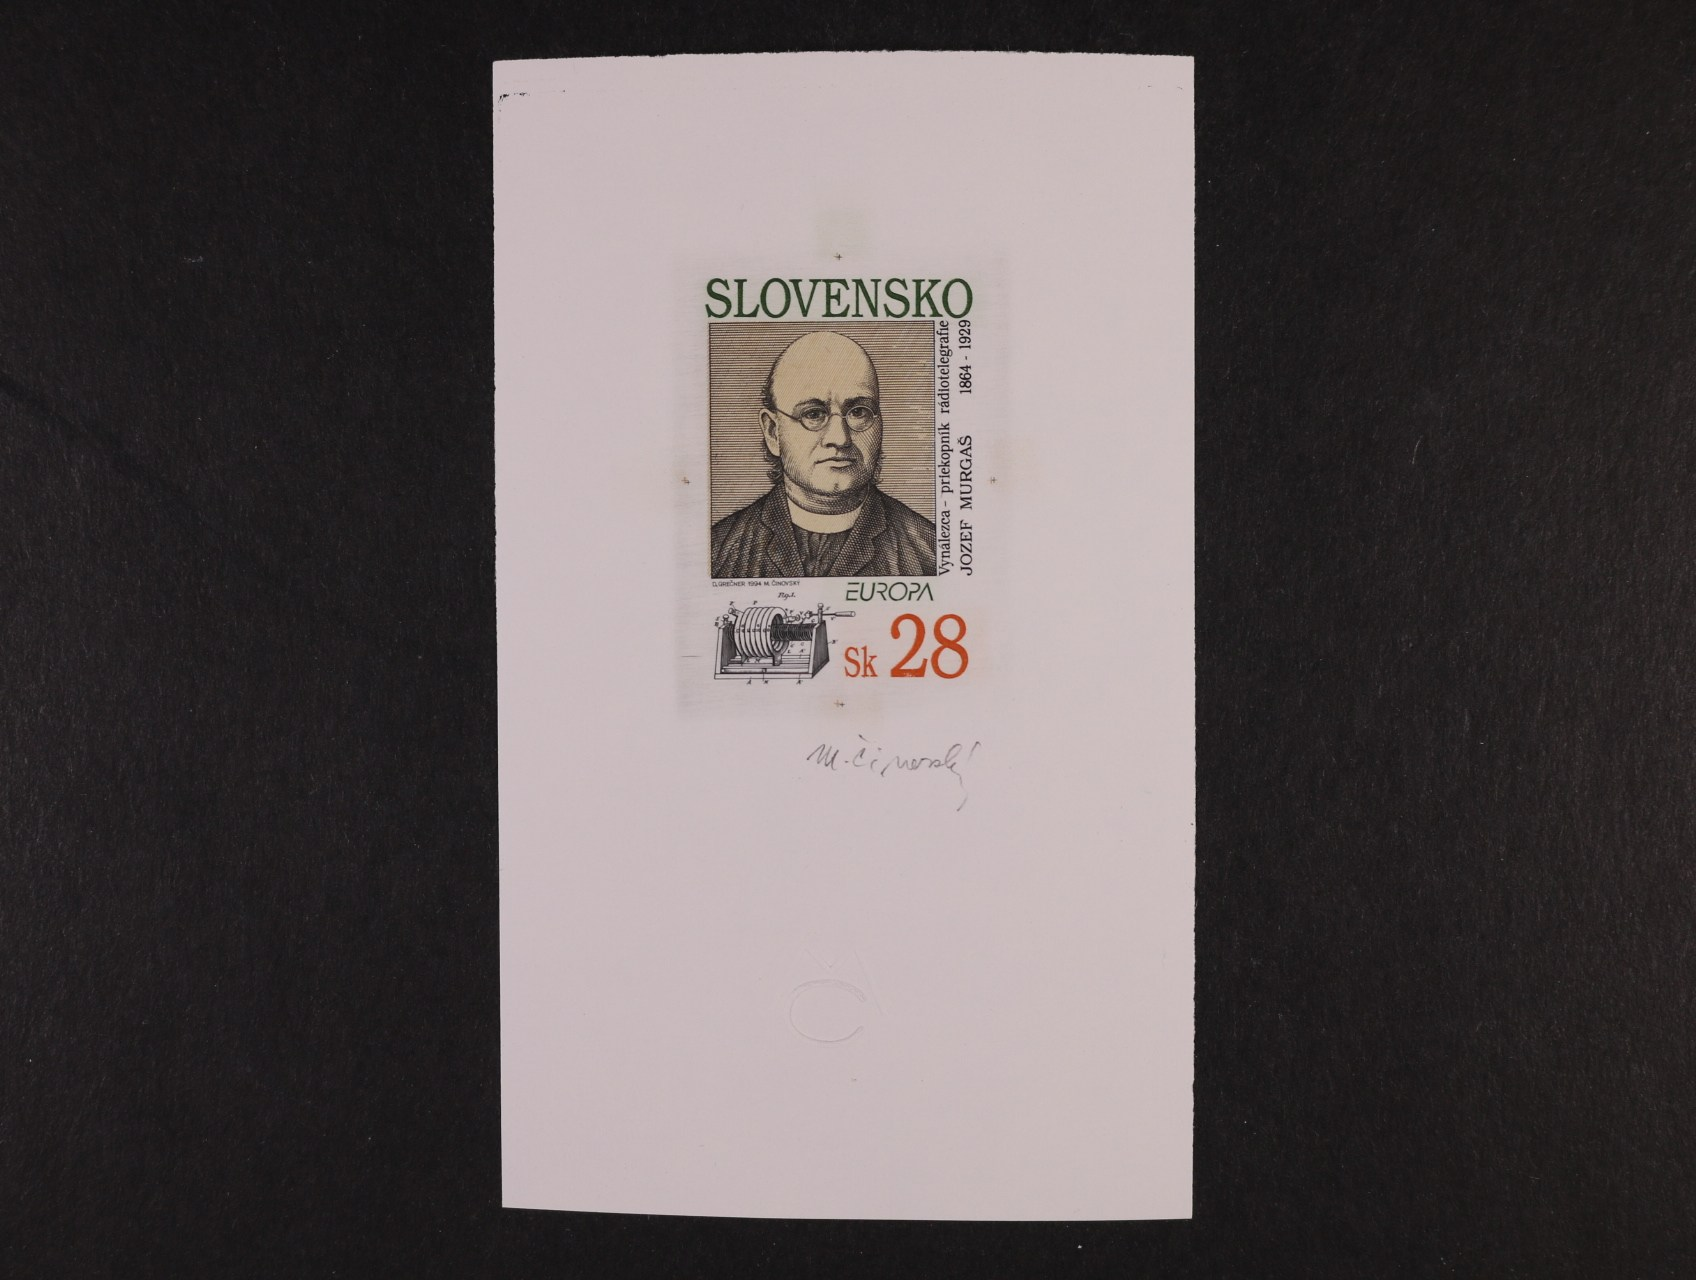 otisk orig. rytiny zn. č. 13 v orig. barvách na kousku známk. papíru s lepem, sign. Činovský